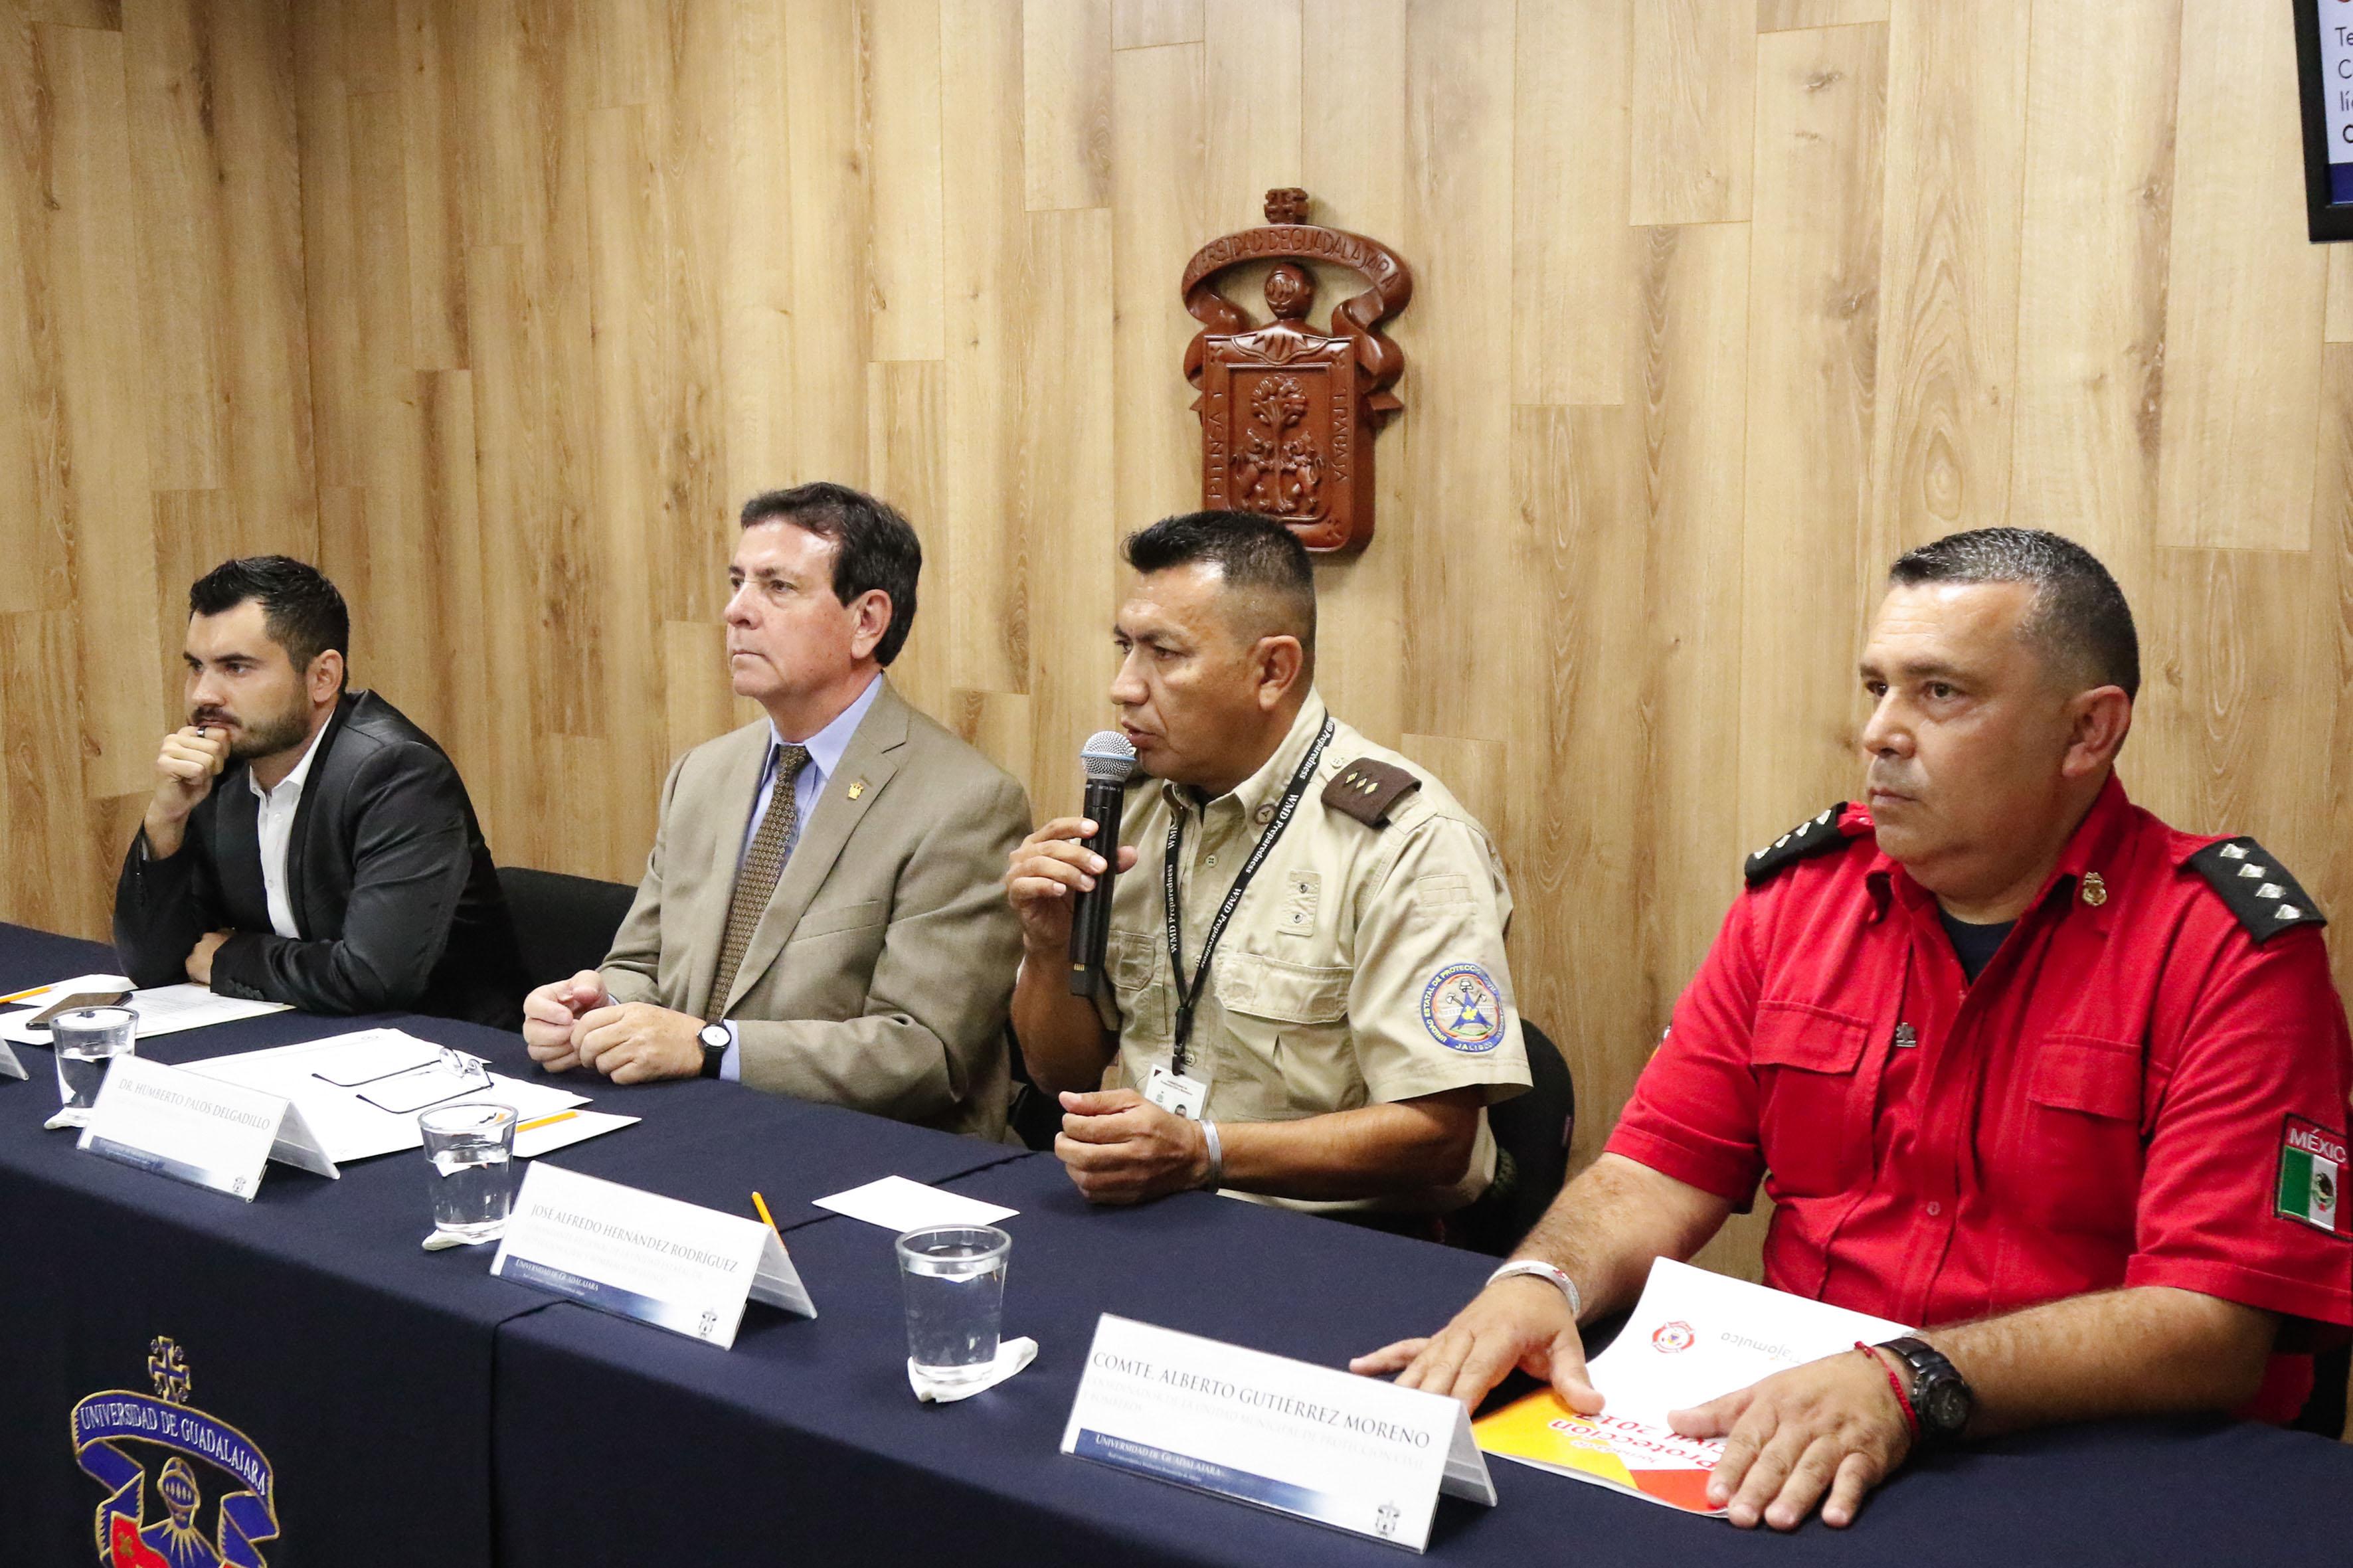 Comandante regional de la Unidad Estatal de Protección Civil y Bomberos de Jalisco, José Alfredo Hernández Rodríguez participando en rueda de prensa, haciendo uso de la palabra